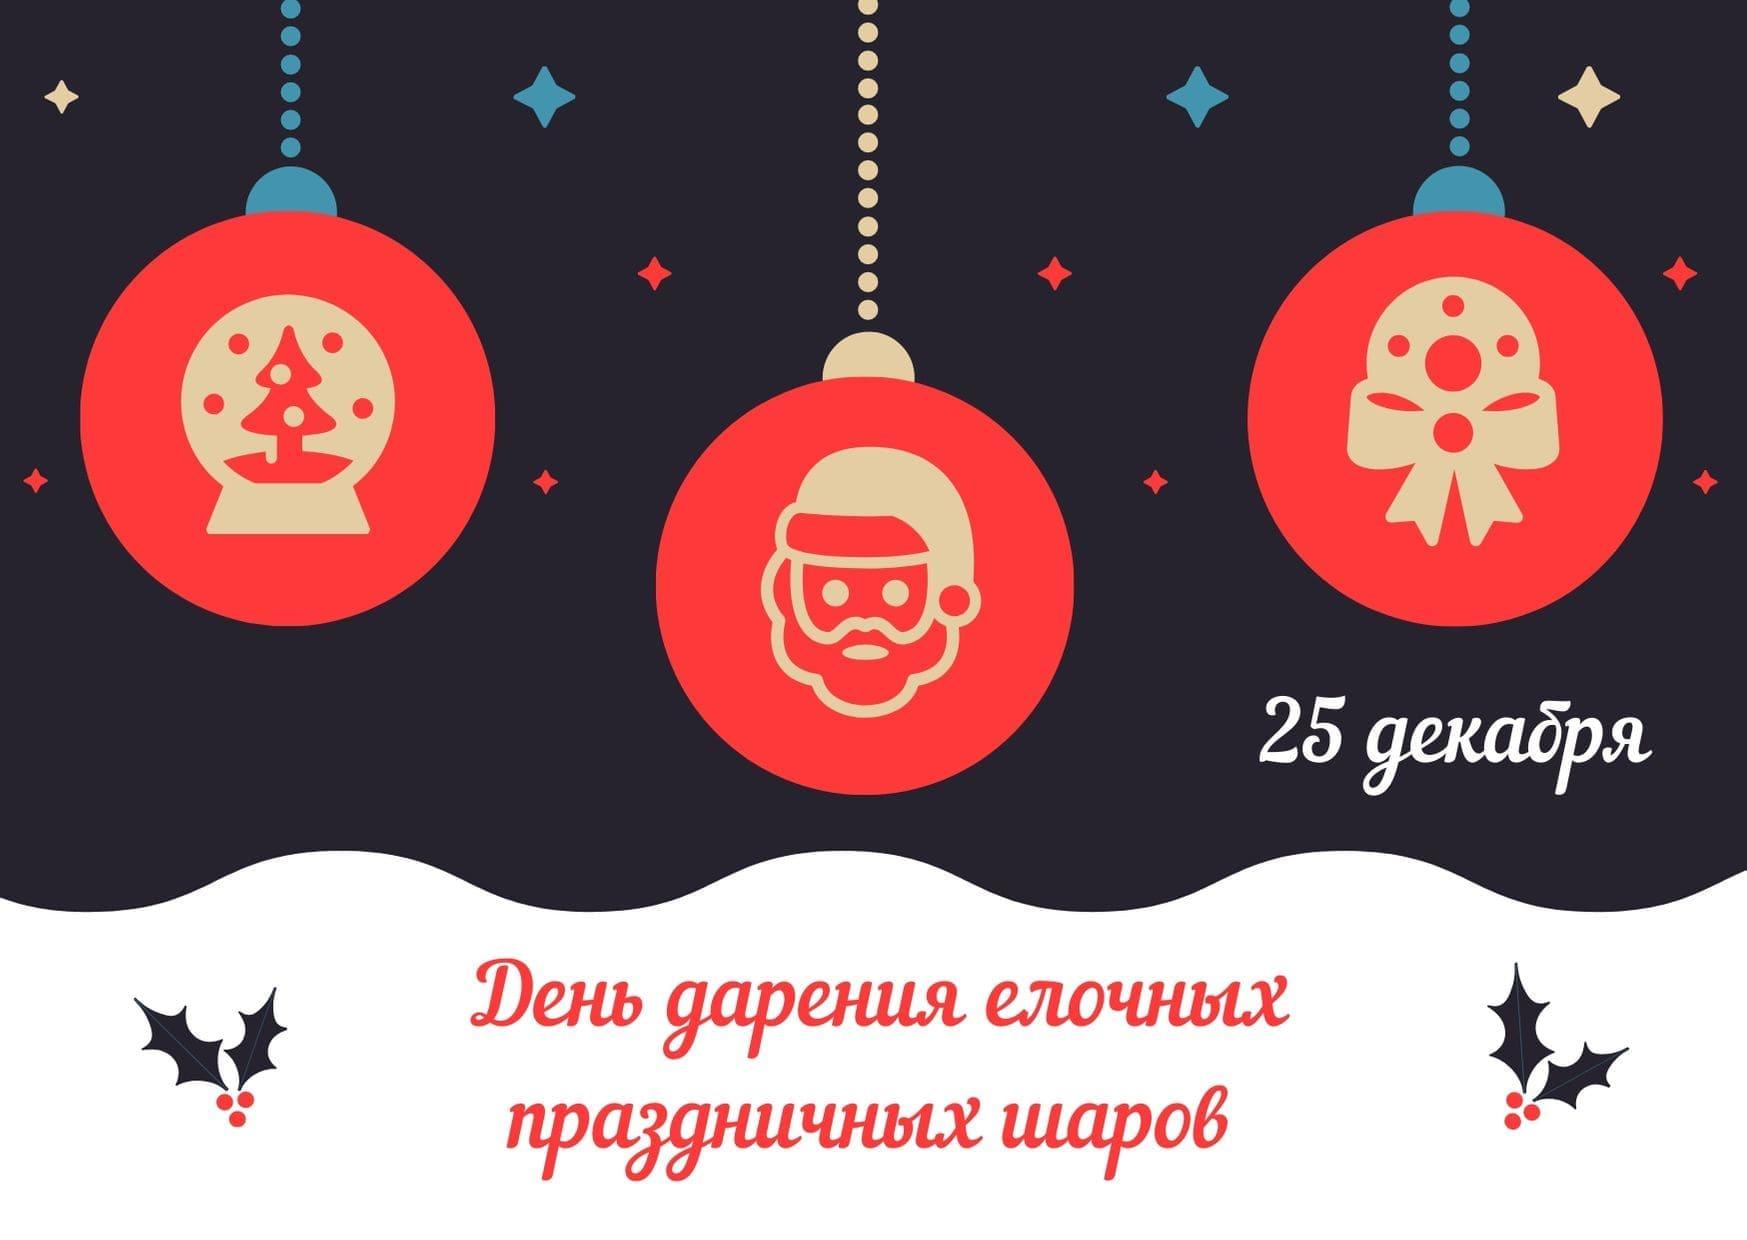 День дарения ёлочных праздничных шаров. 25 декабря